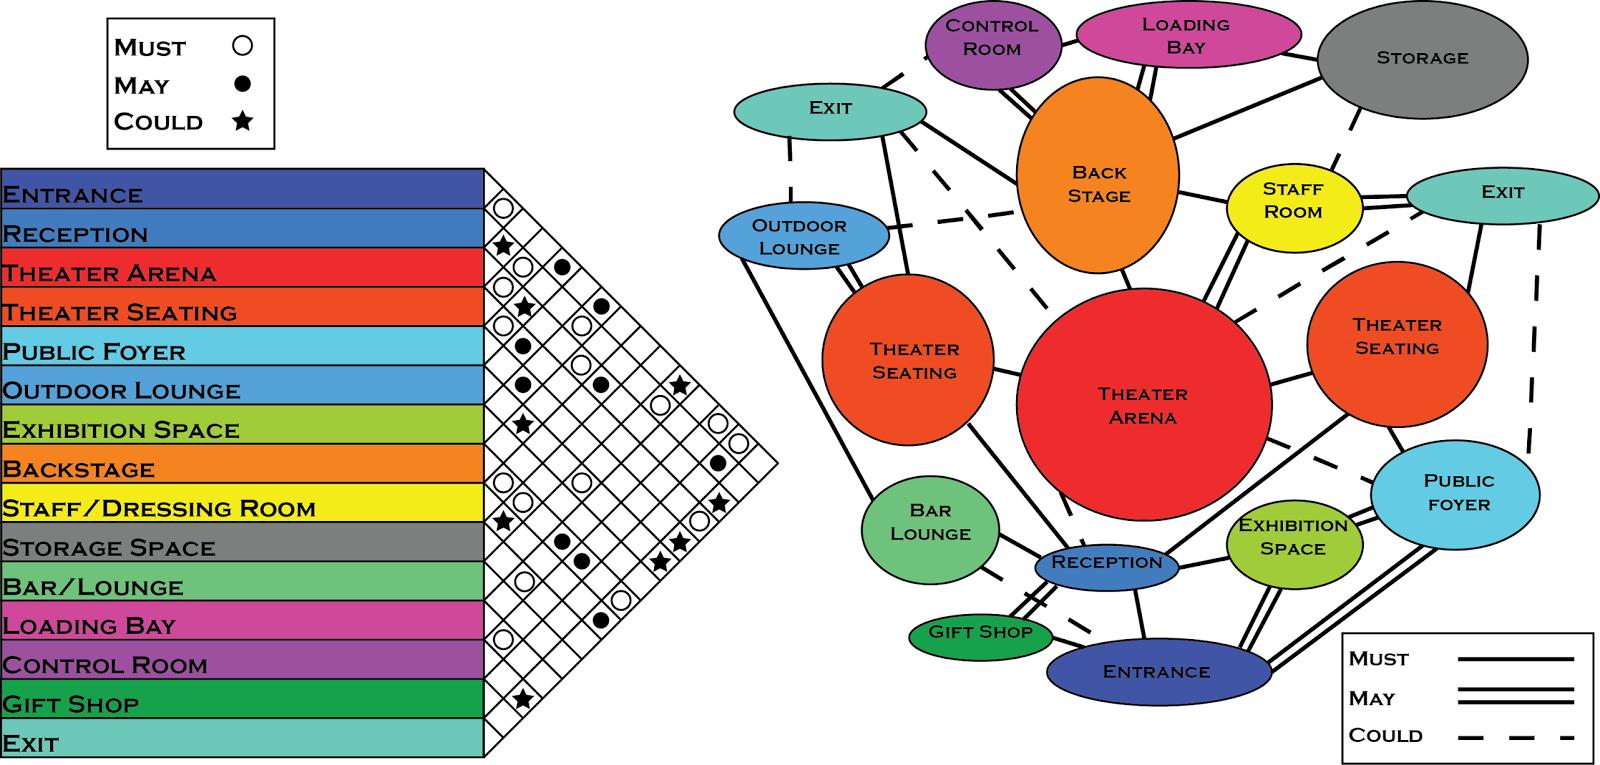 medium resolution of assignment08 07 matrix bubble diagrams